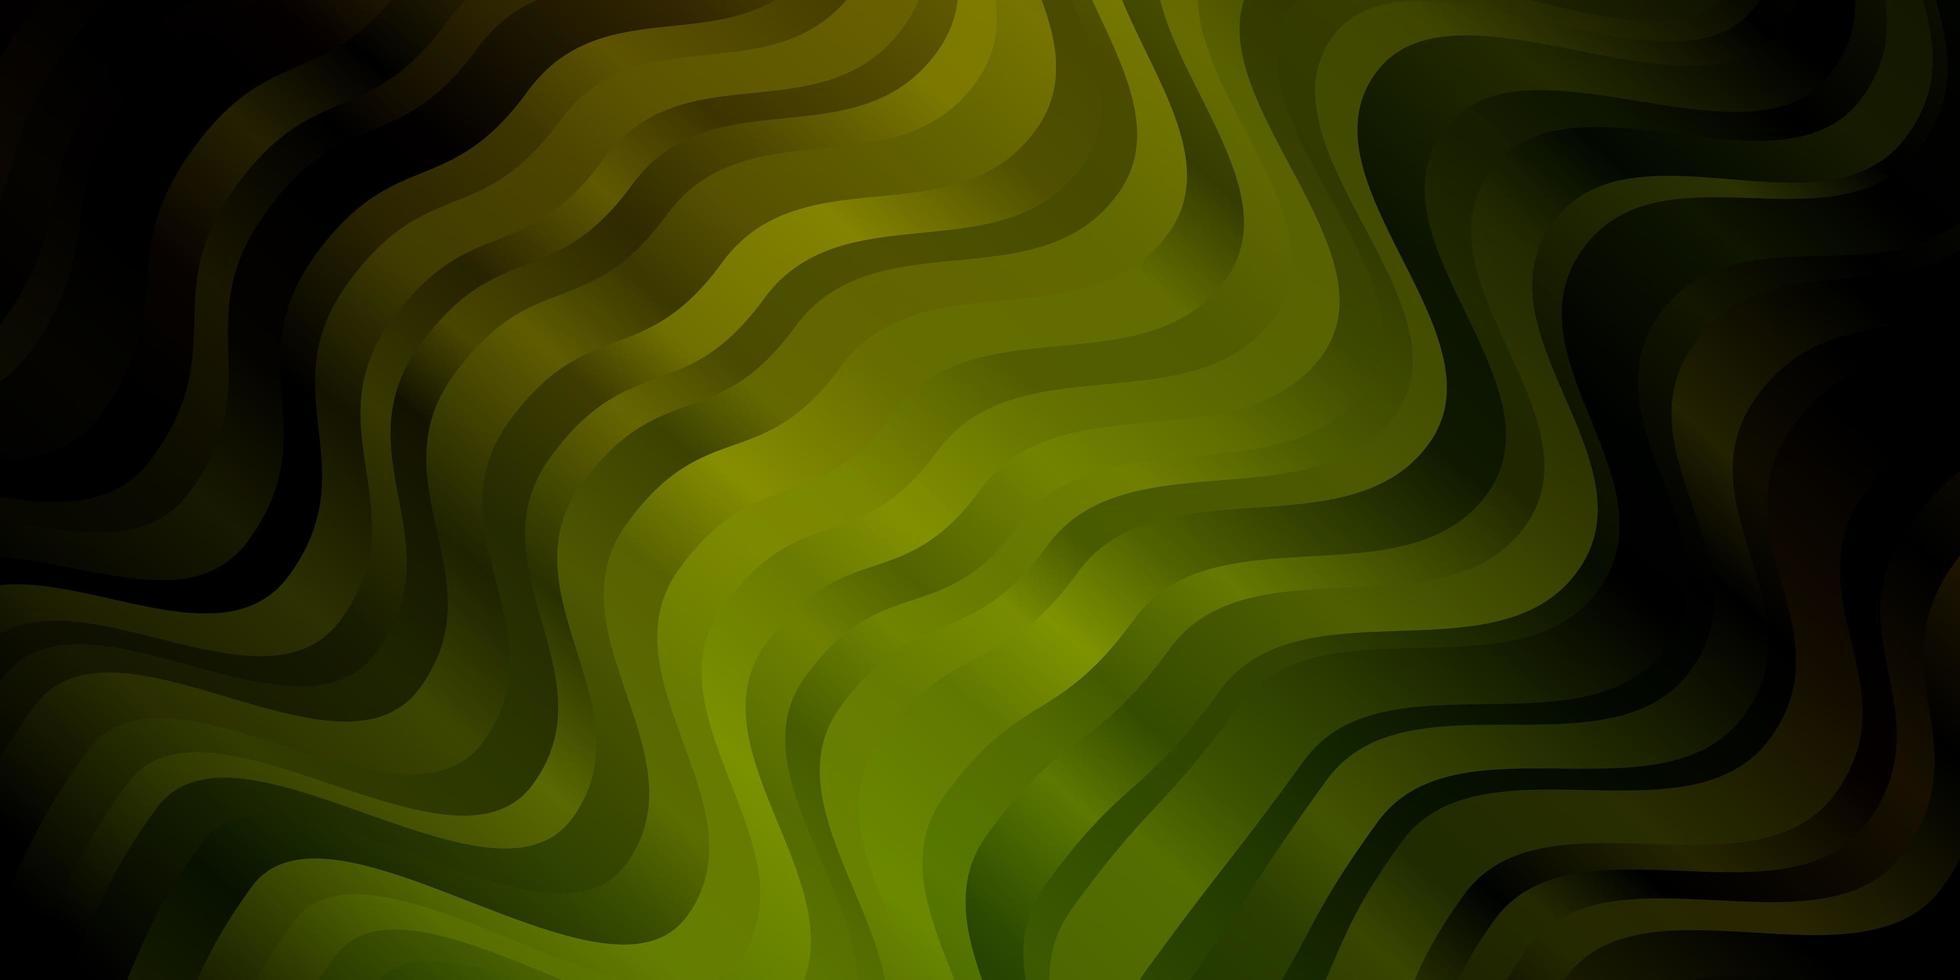 mörkgrön vektormall med böjda linjer. vektor